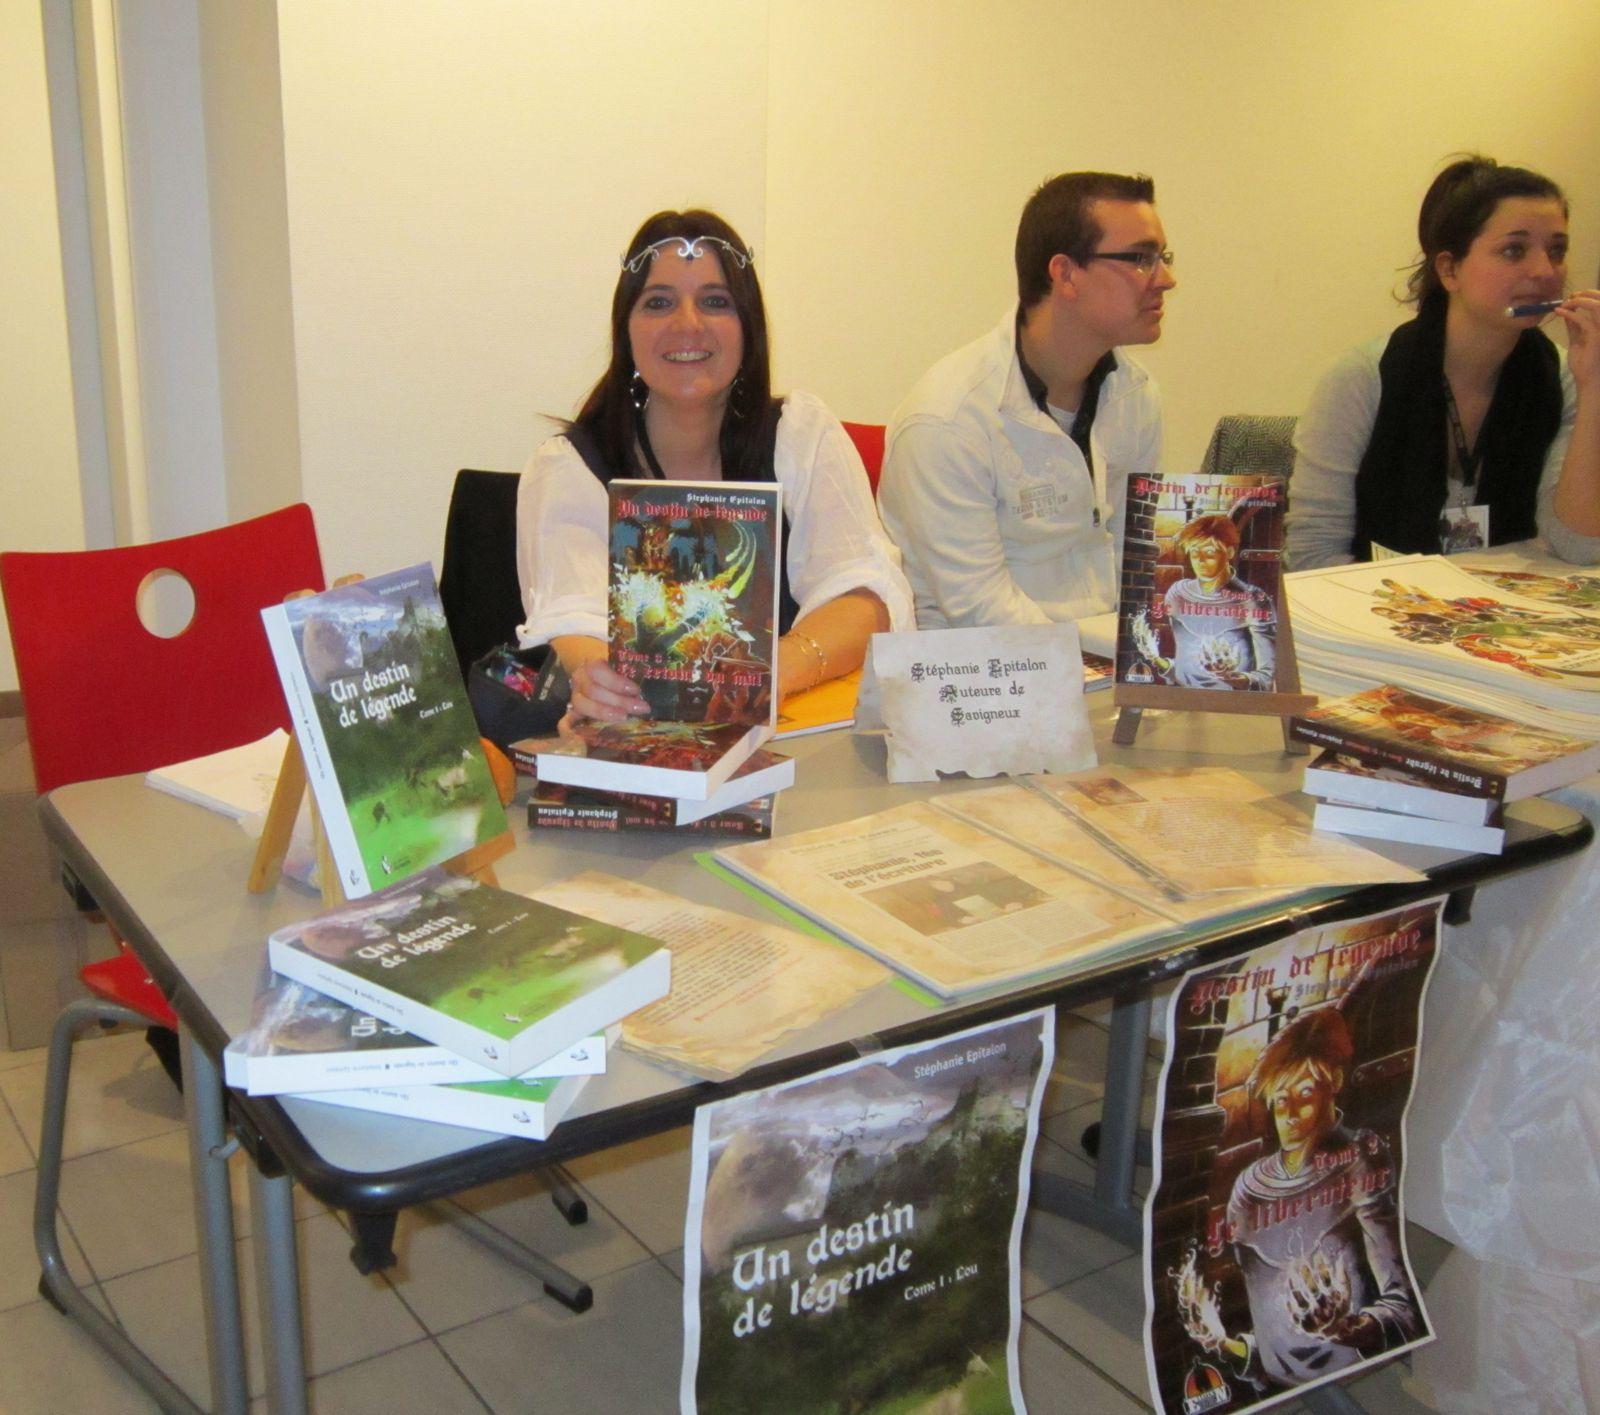 Dédicace : 17-11-2012 à Roanne (Loire, 42300)